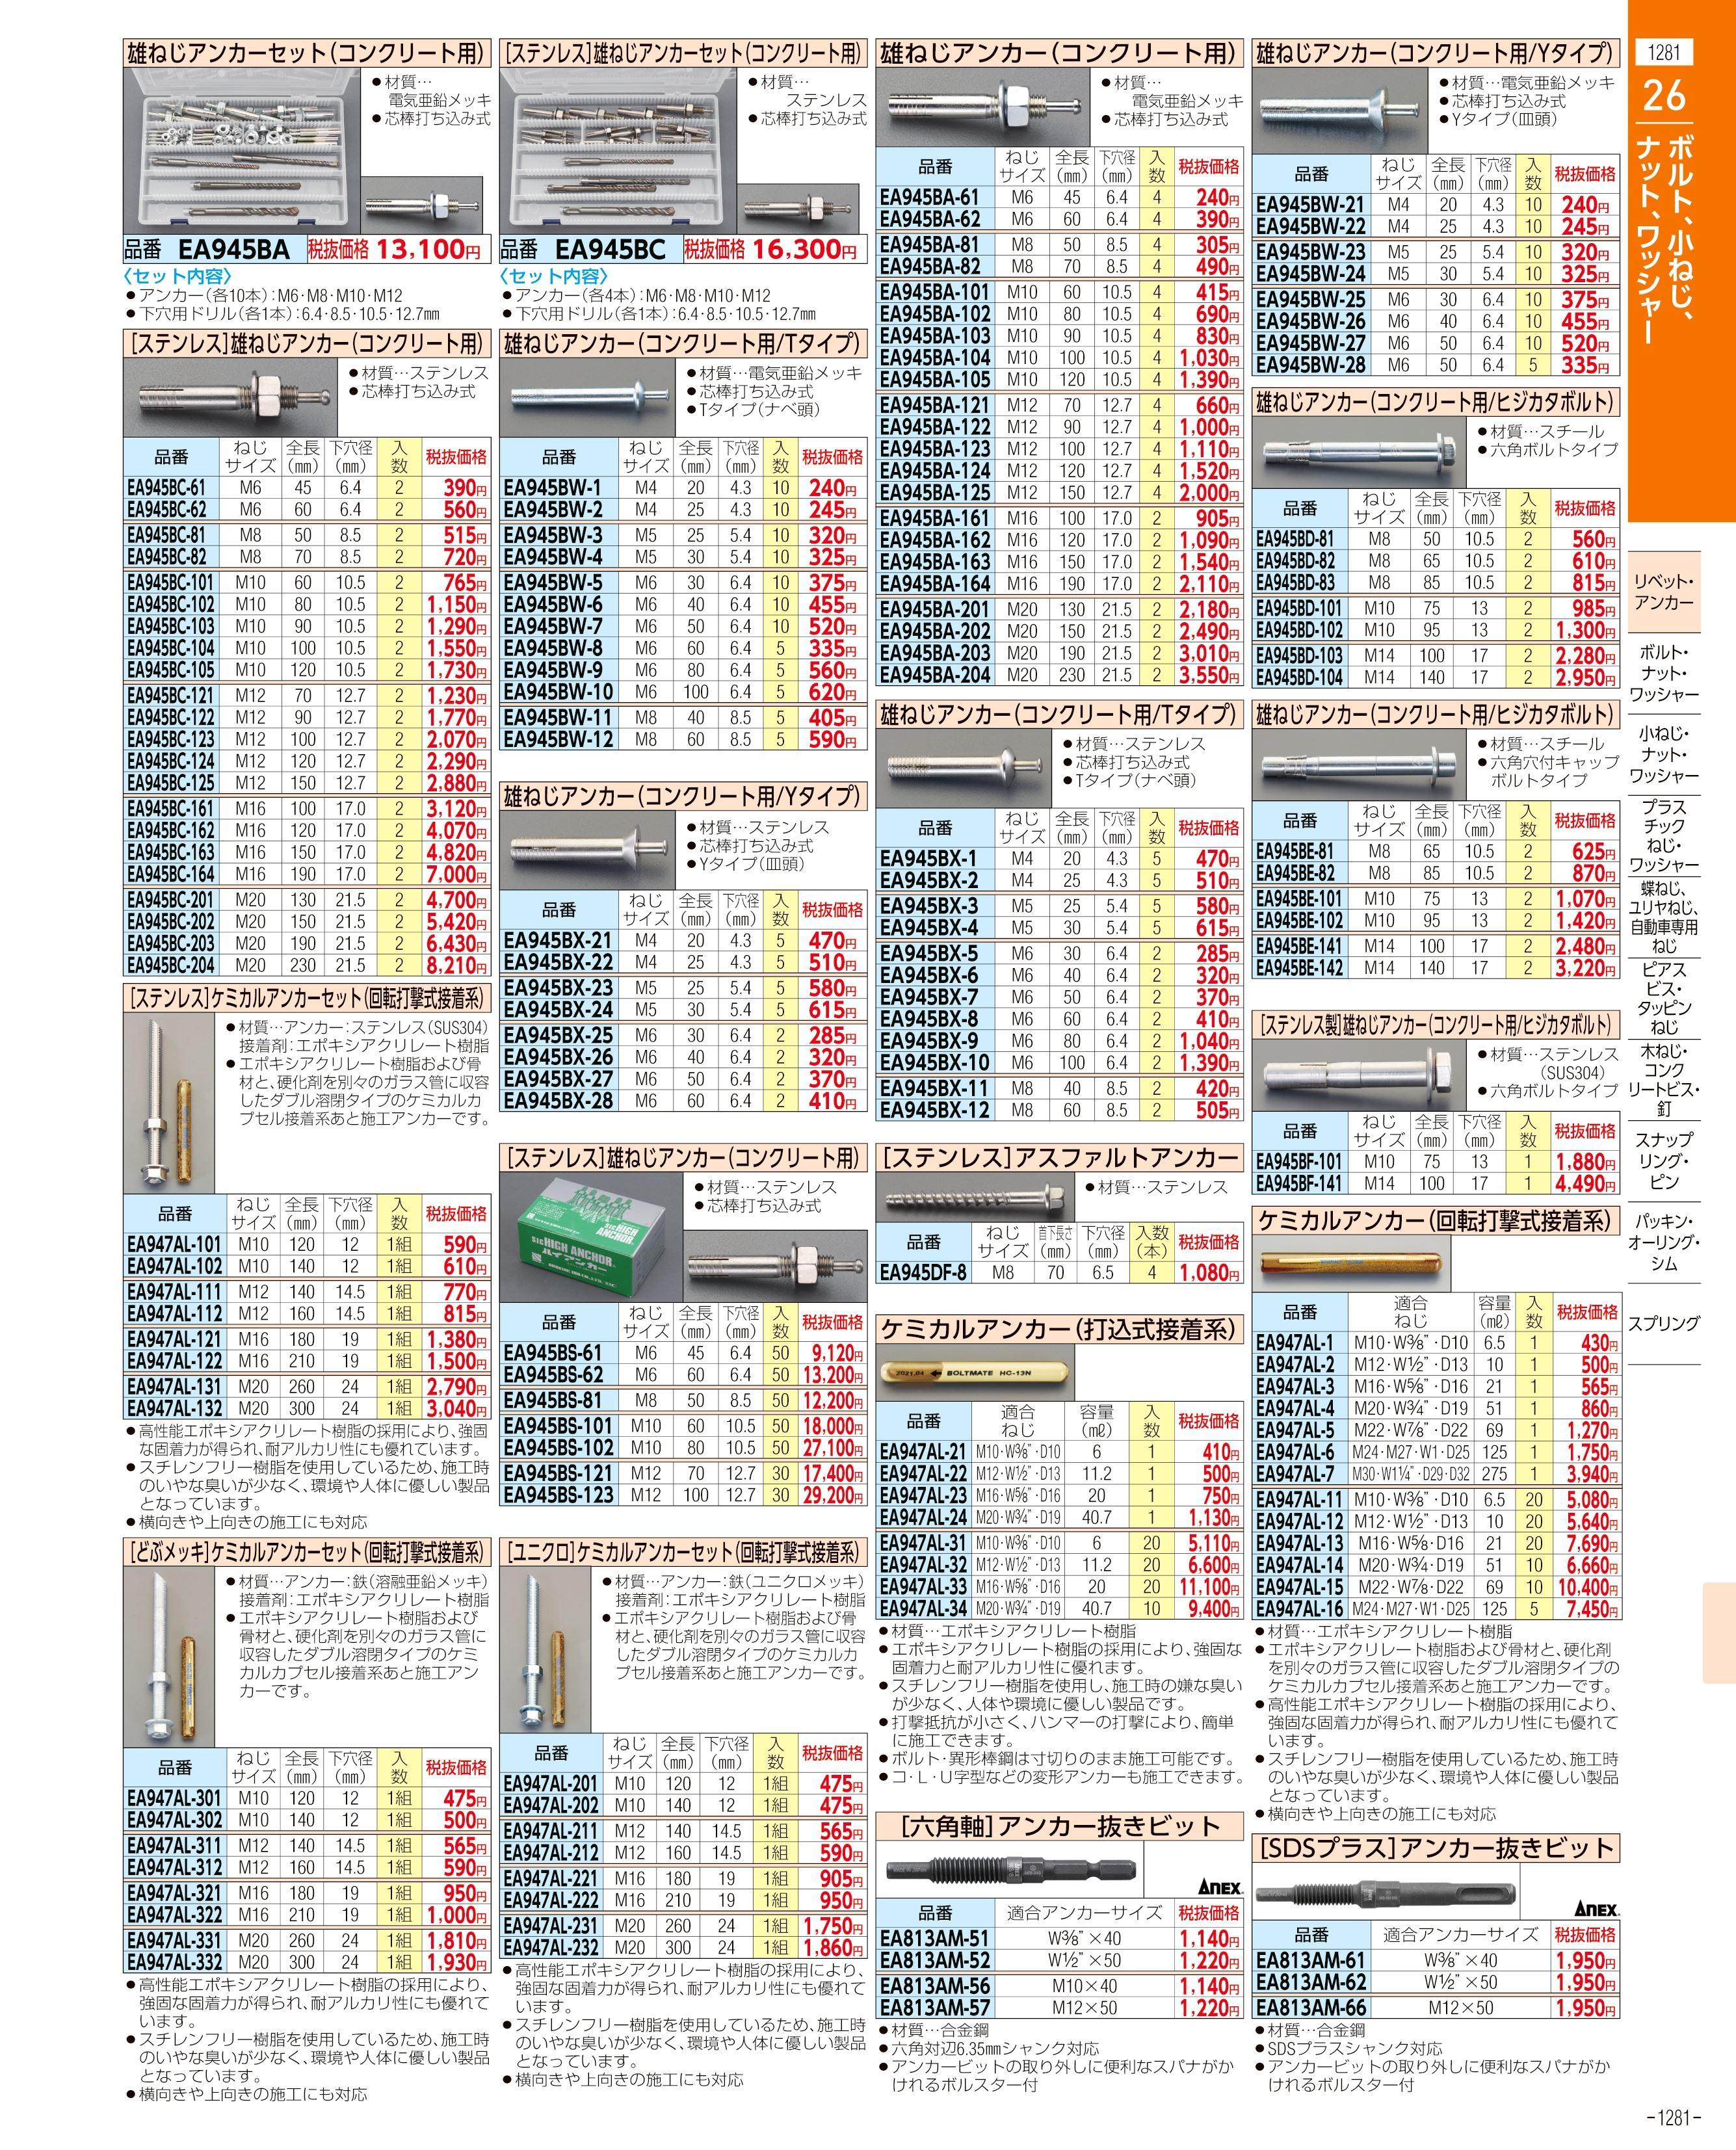 エスコ便利カタログ1281ページ